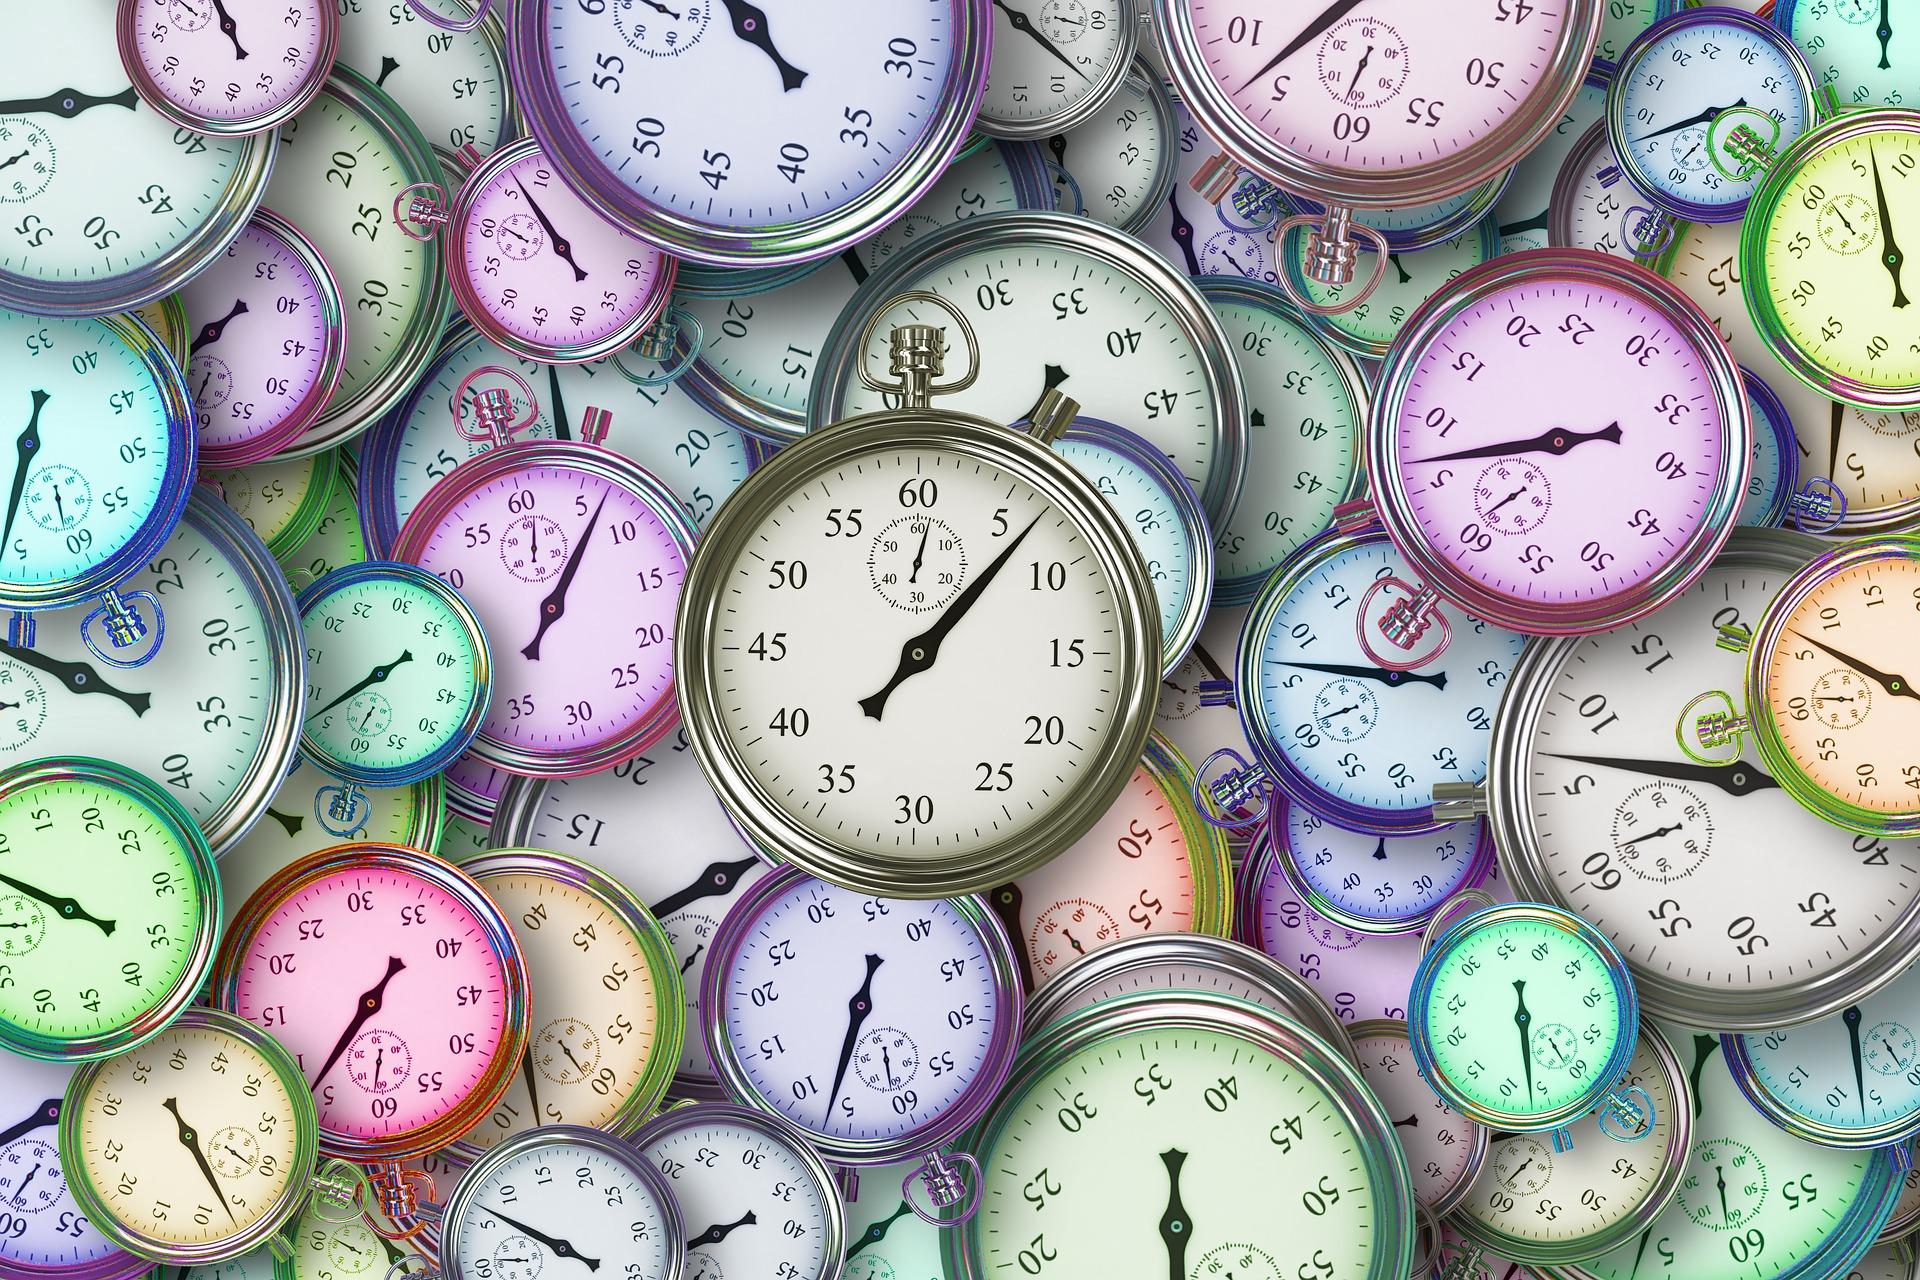 Temps partiel flou = temps plein